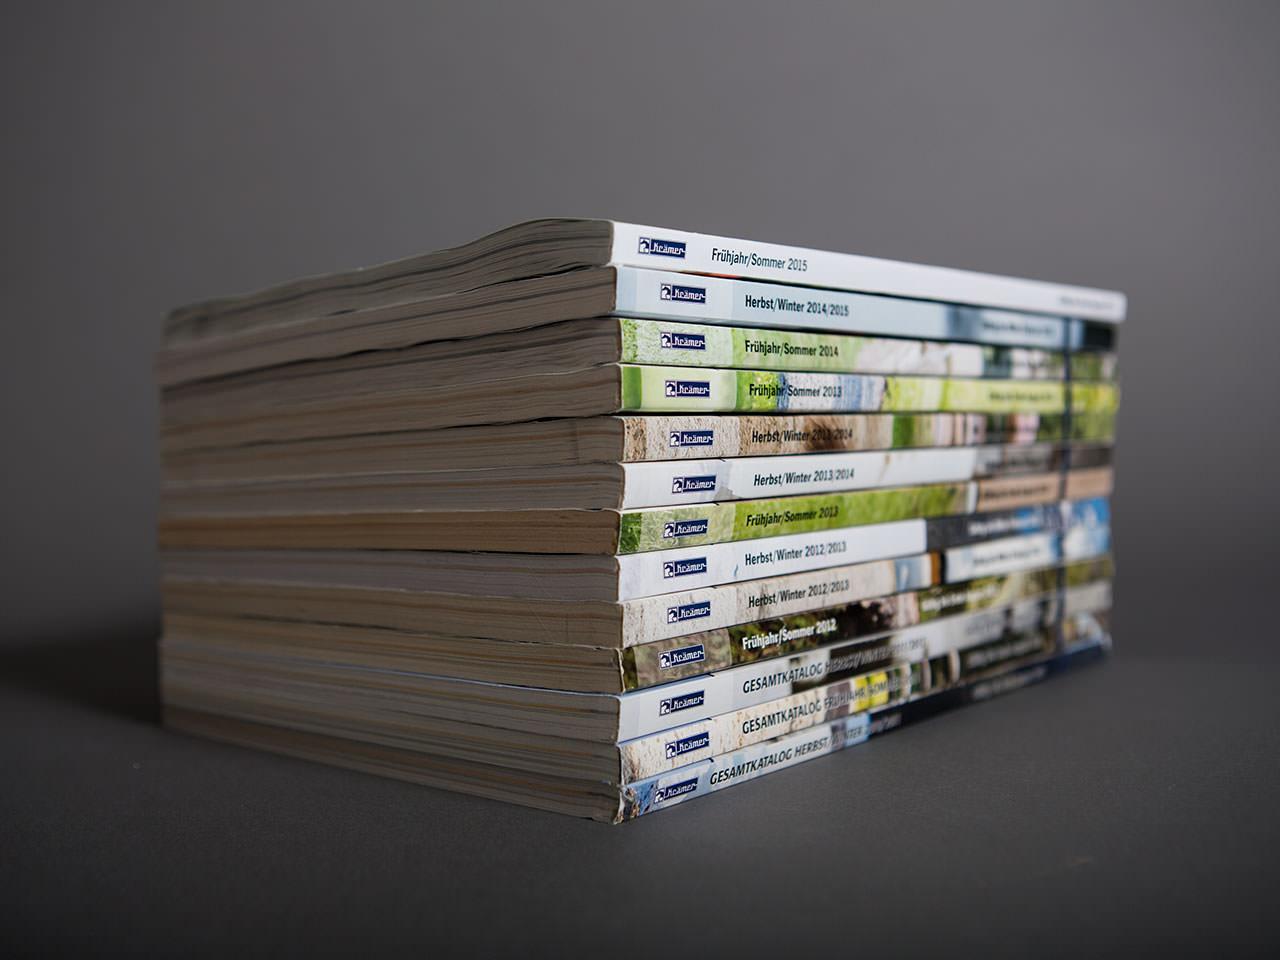 Sabath Media Werbeagentur - Krämer Pferdesport – Projektbeispiel - Referenzbild 2